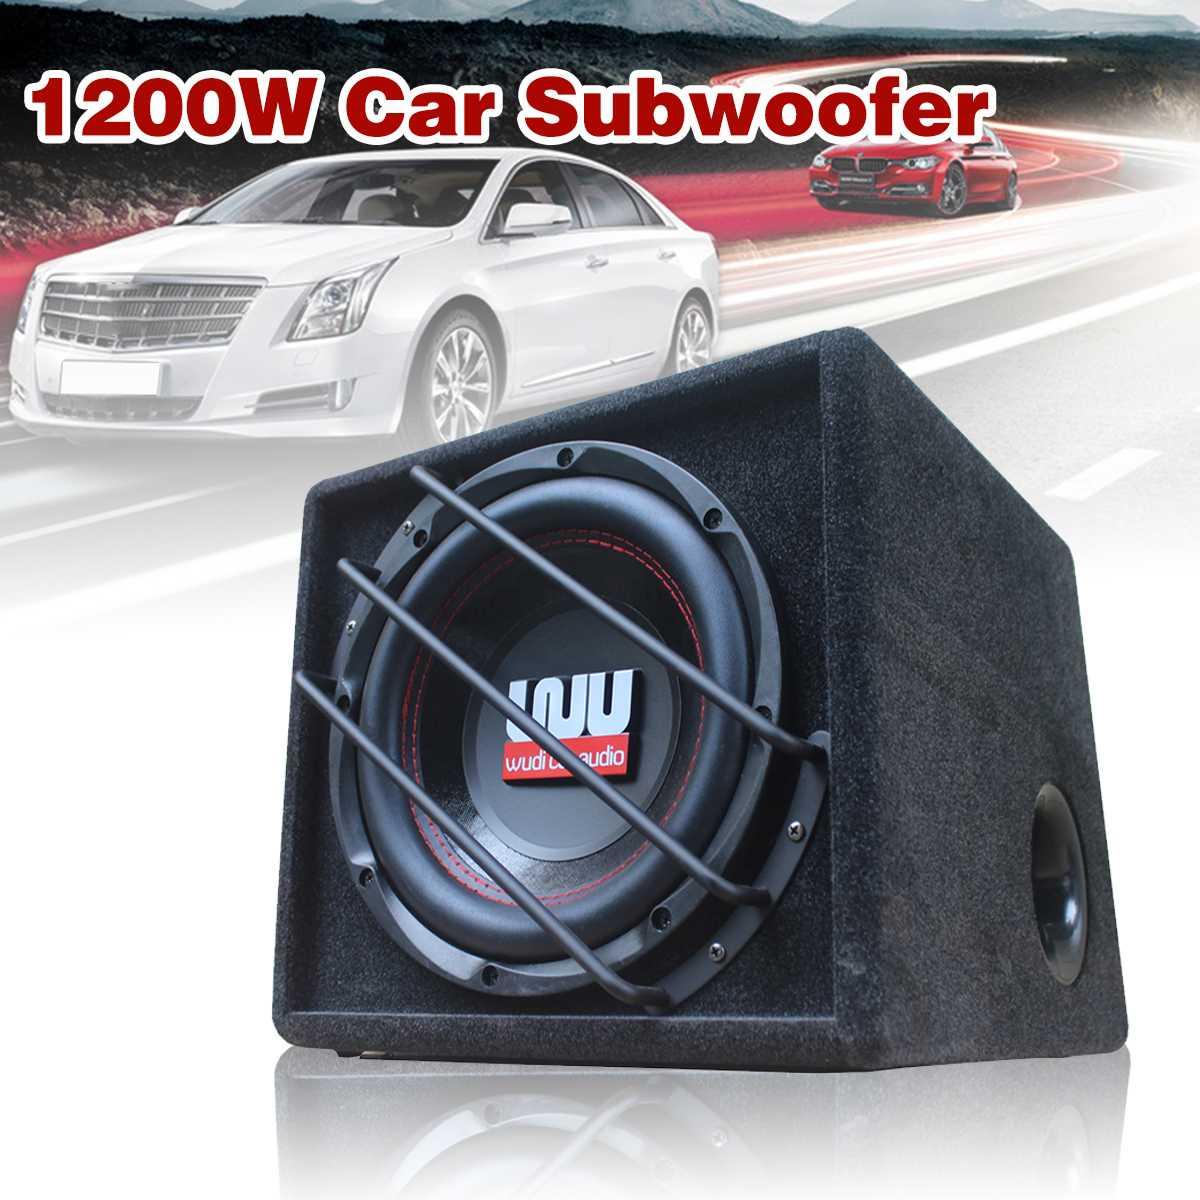 10 pouces 1200w voiture subwoofer fort Subwoofer voiture haut-parleur Auto Super basse voiture haut-parleur graves actif amplificateur intégré